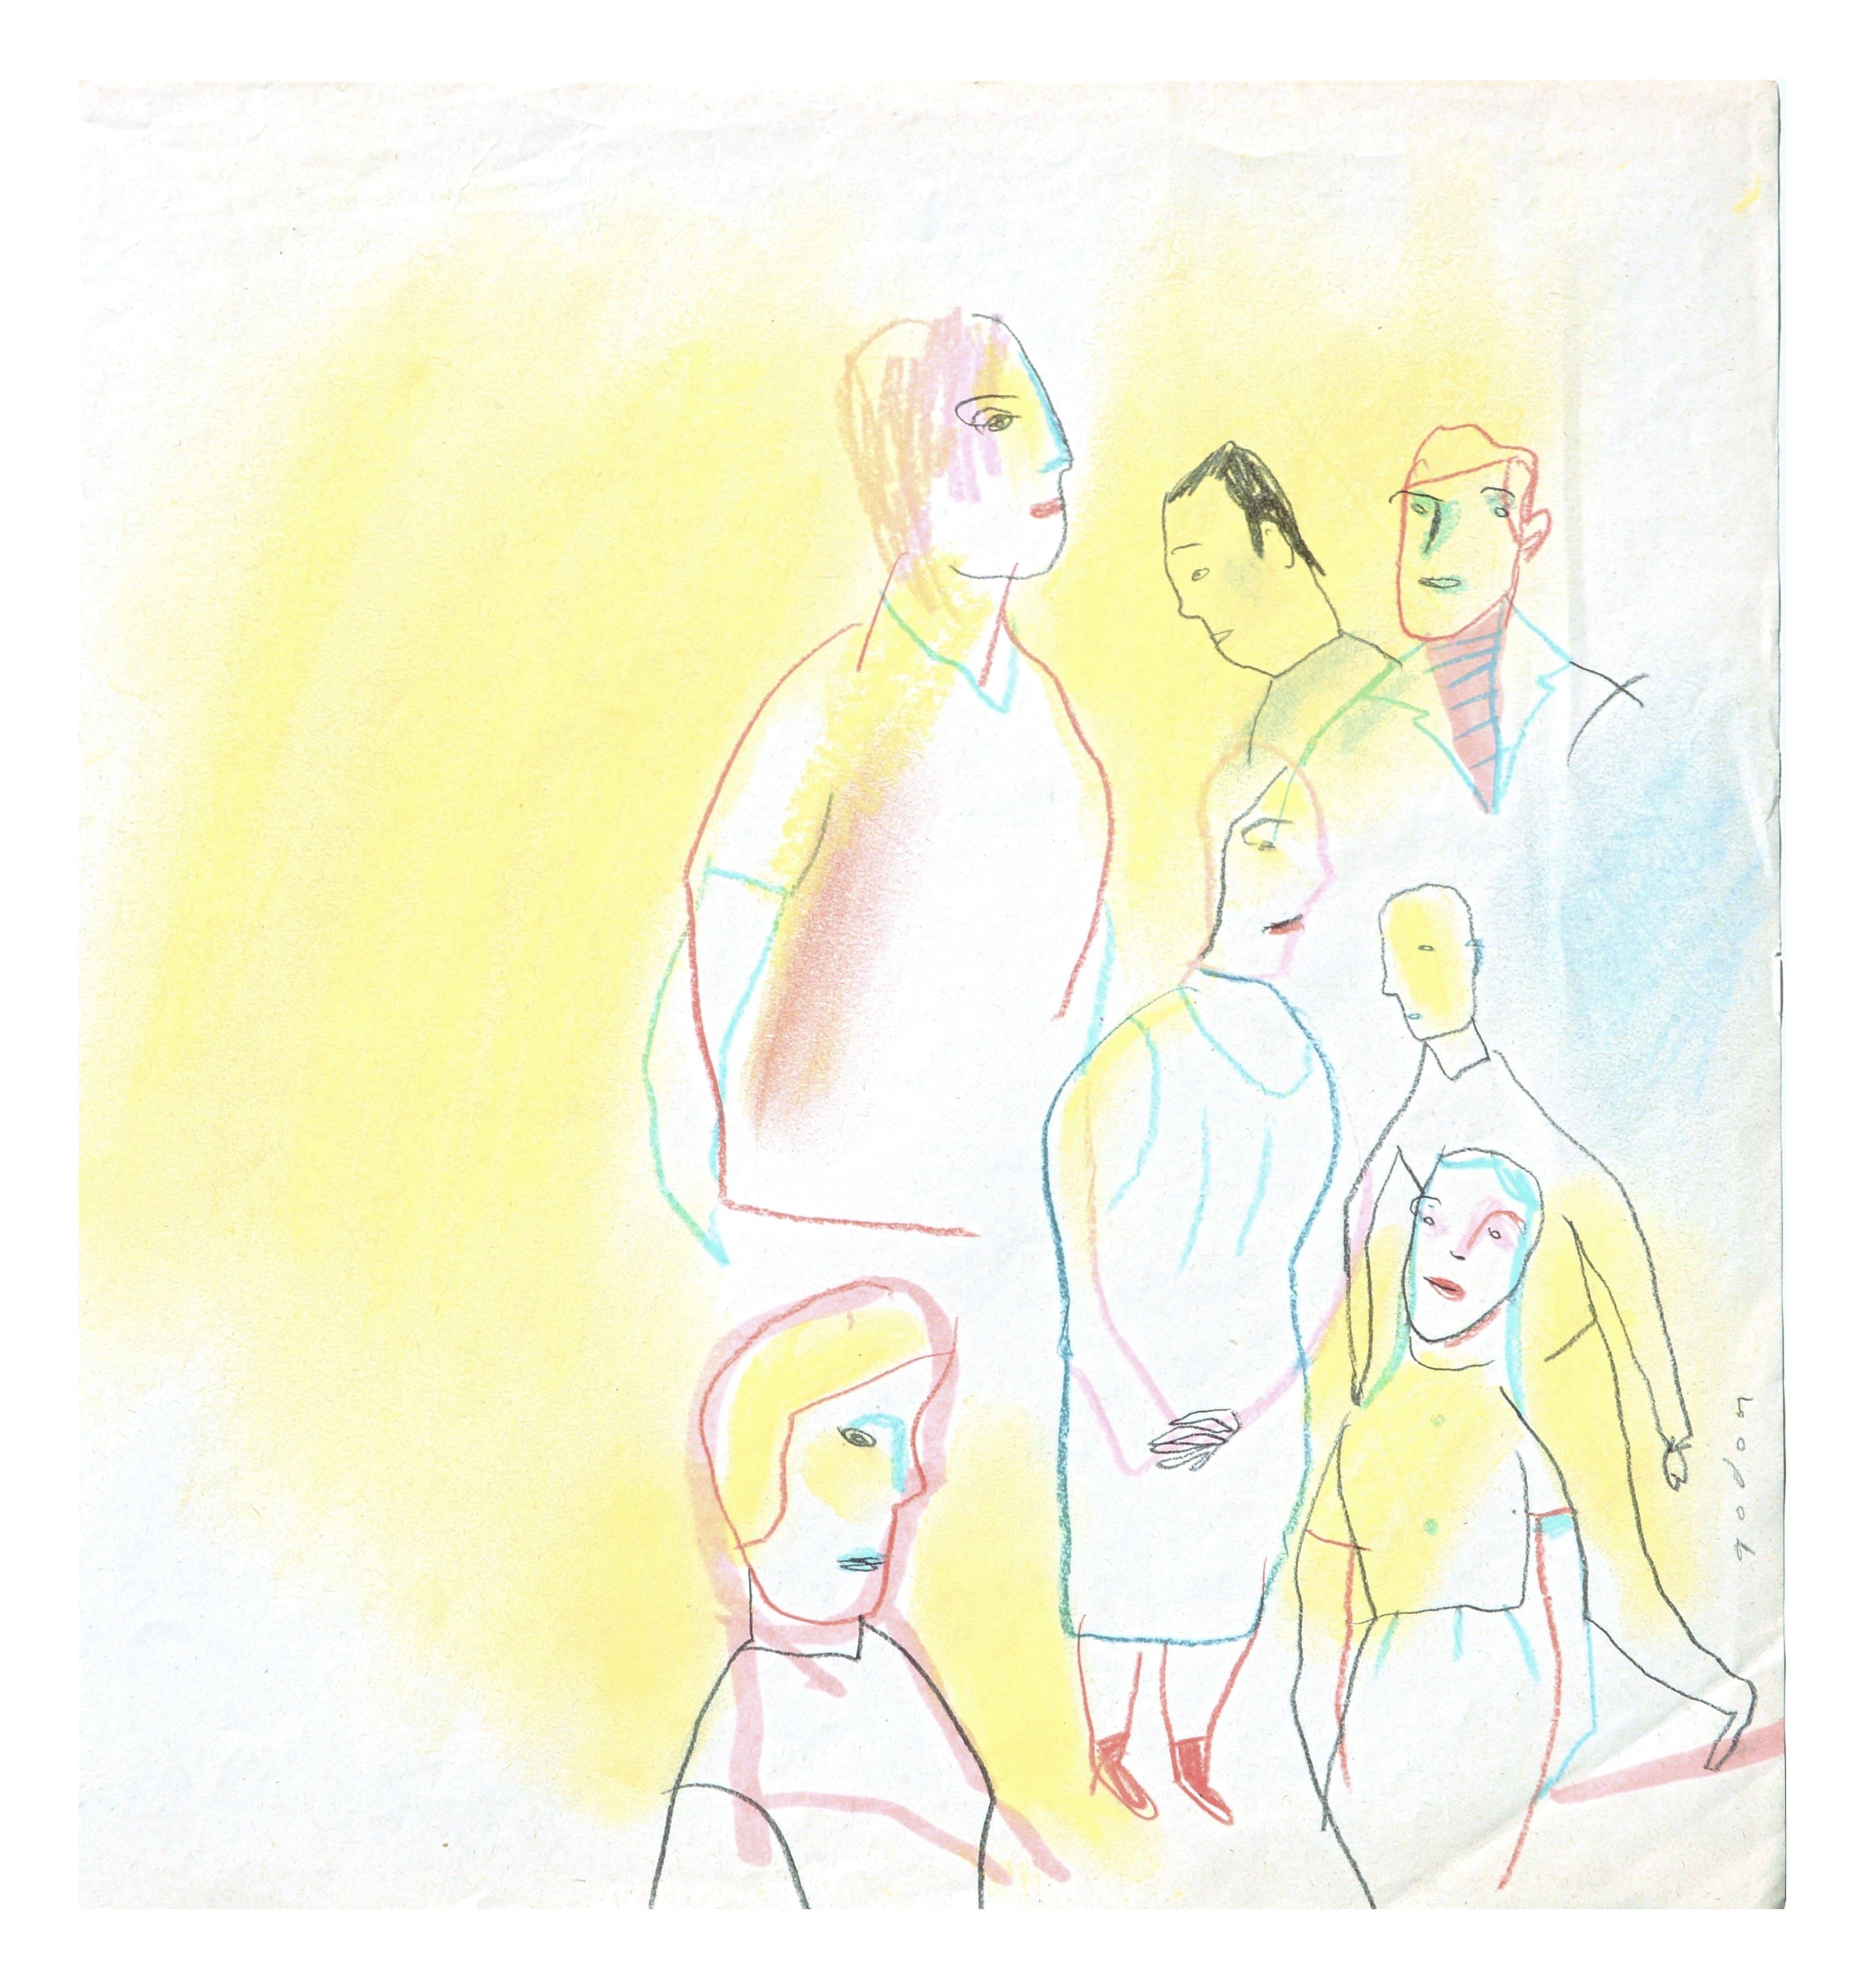 De wereld, origineel werk van Ingrid Godon bij online galerij ViViD Illustrations